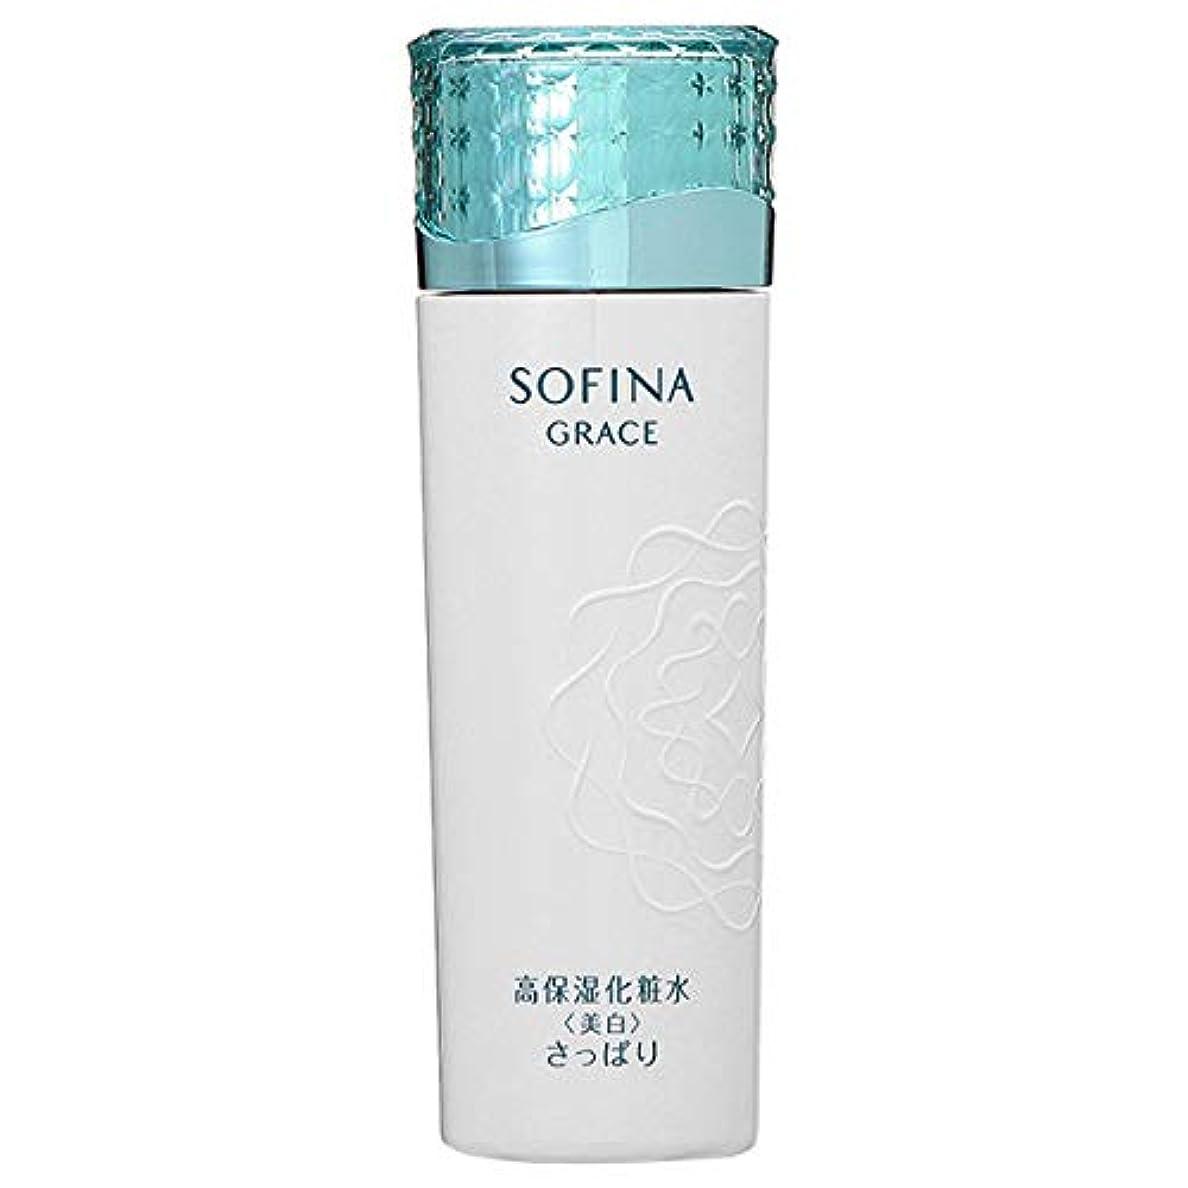 モバイル勤勉な栄養花王 グレイス ソフィーナ 高保湿化粧水 美白 さっぱり 140mL